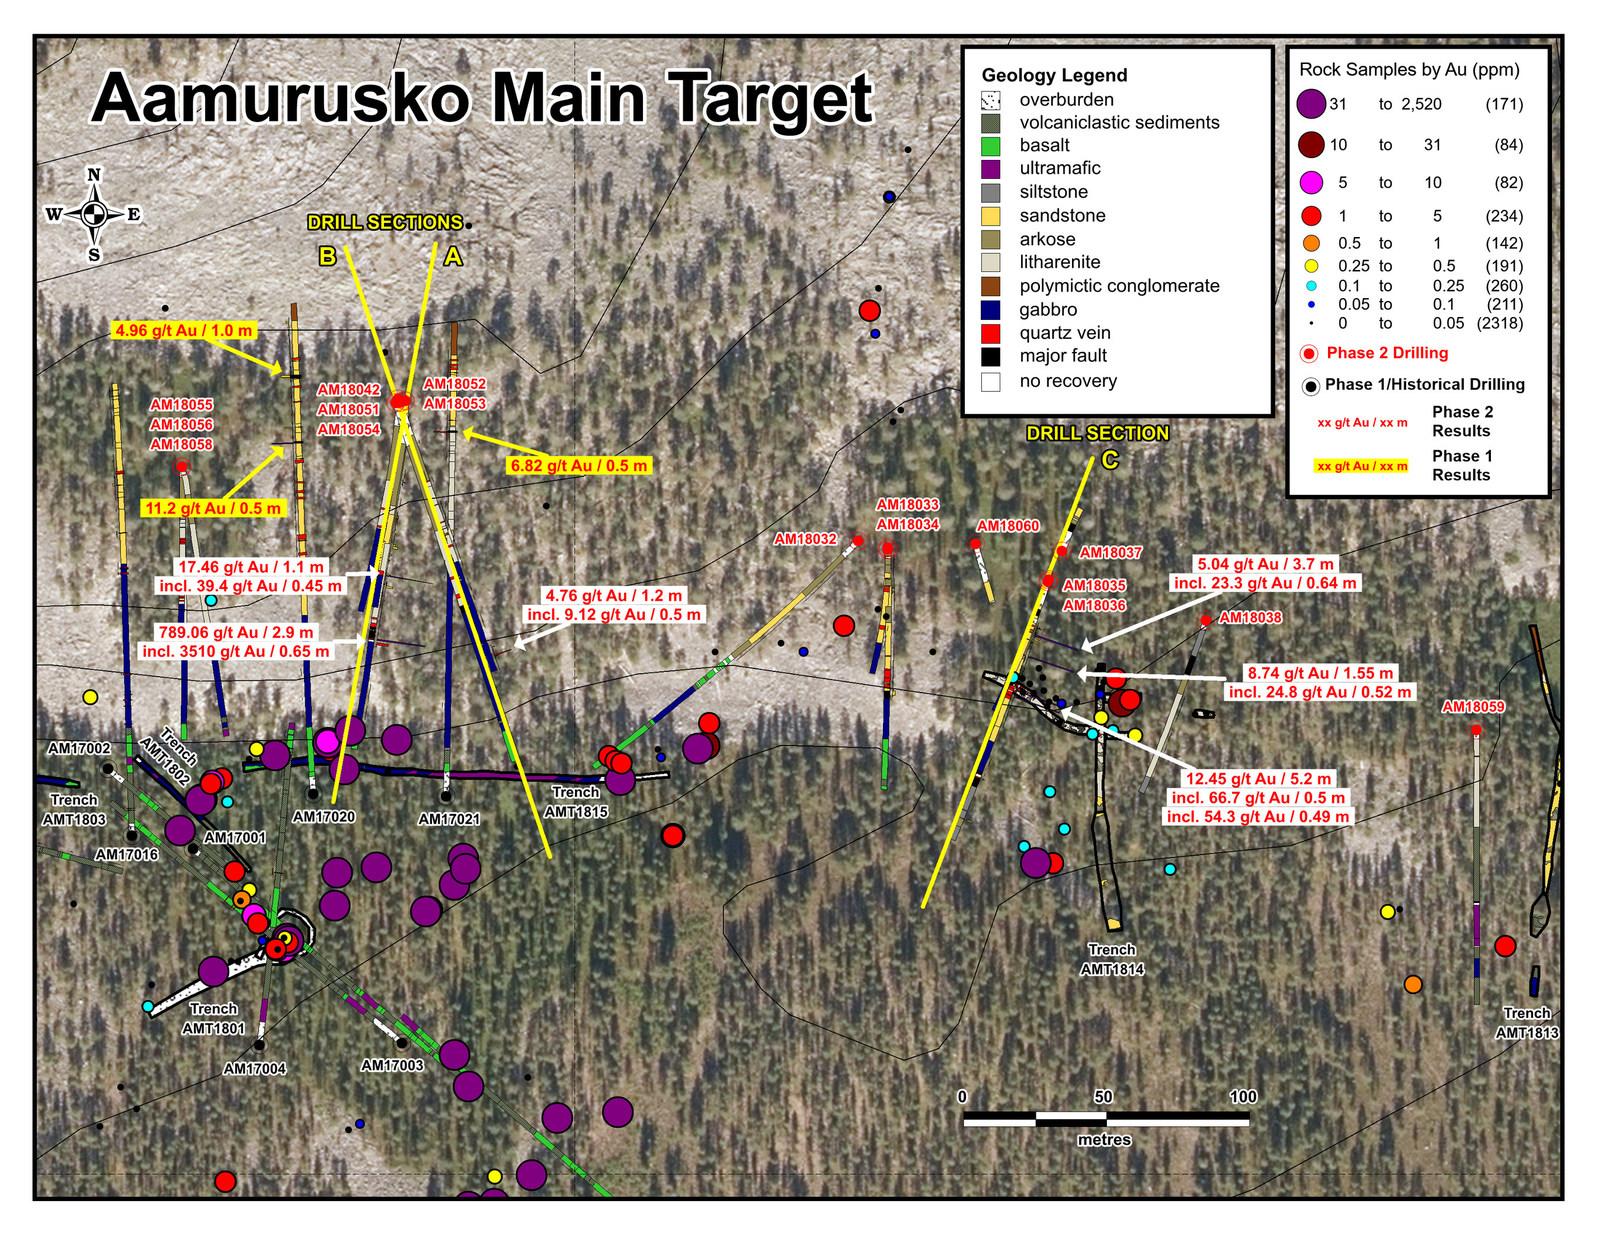 Figure 3 Aamurusko Main Target Inset